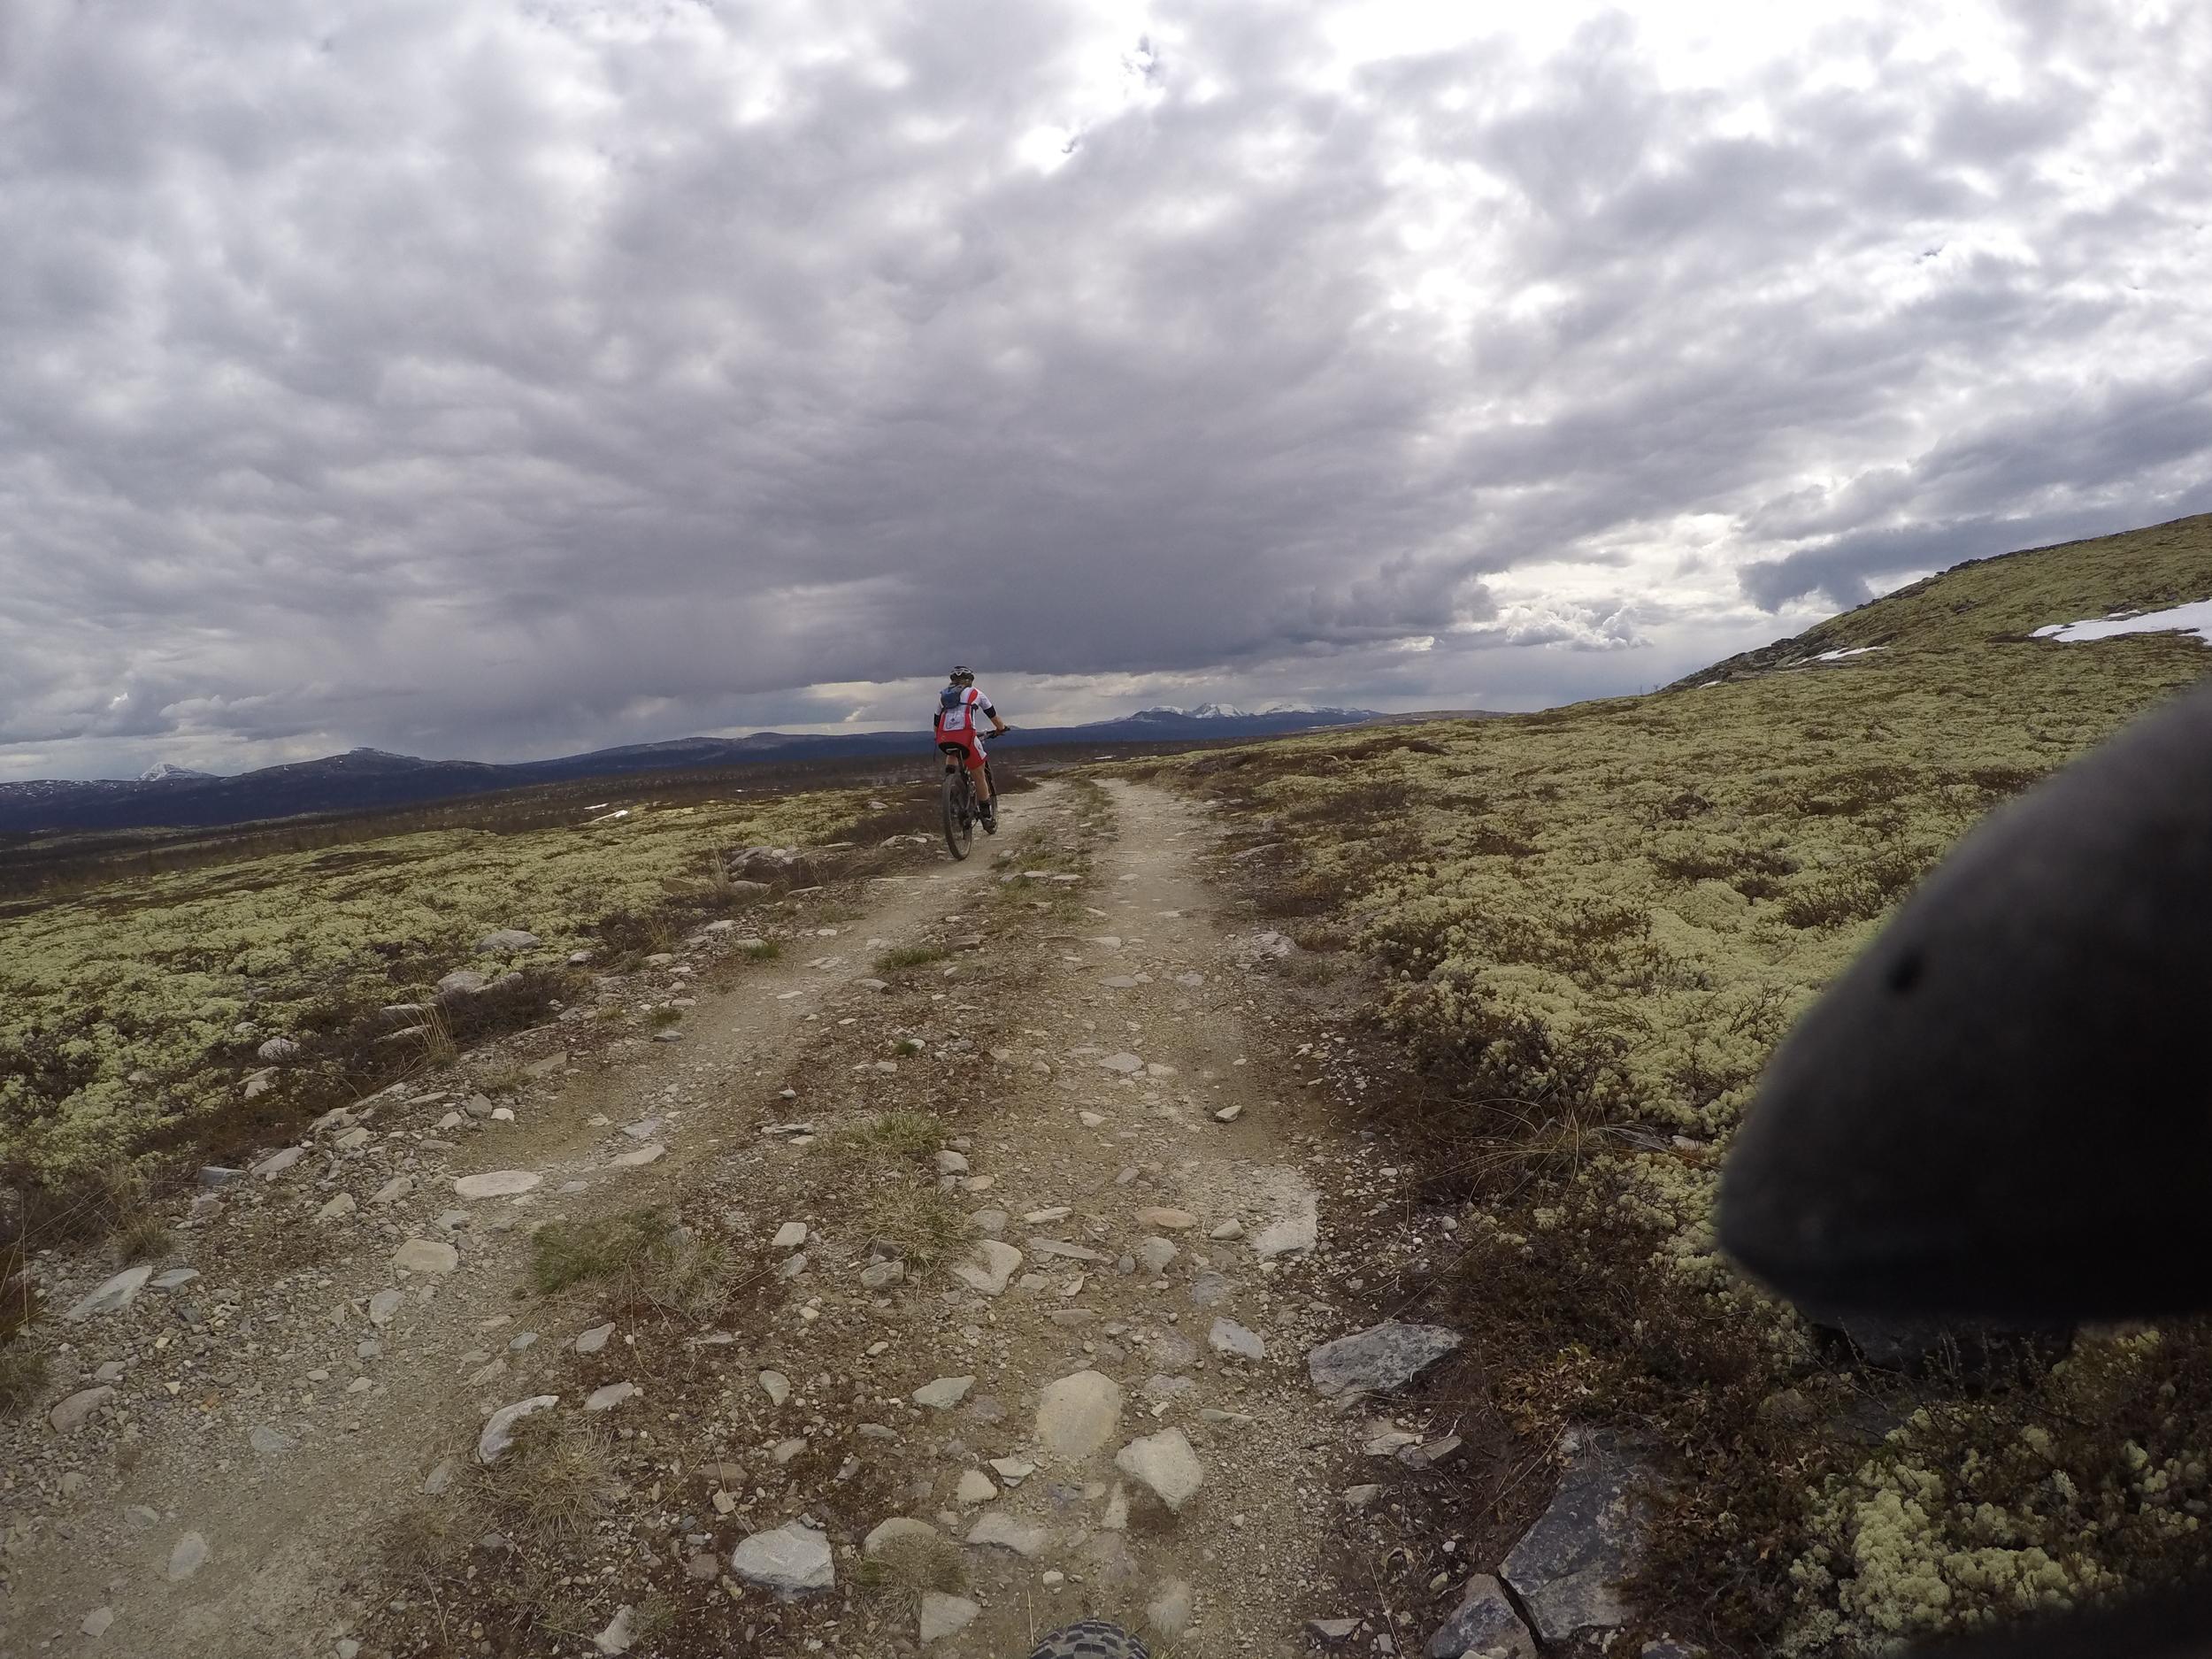 På vei opp mottoppen,1000 meter over havet og snø. :-)